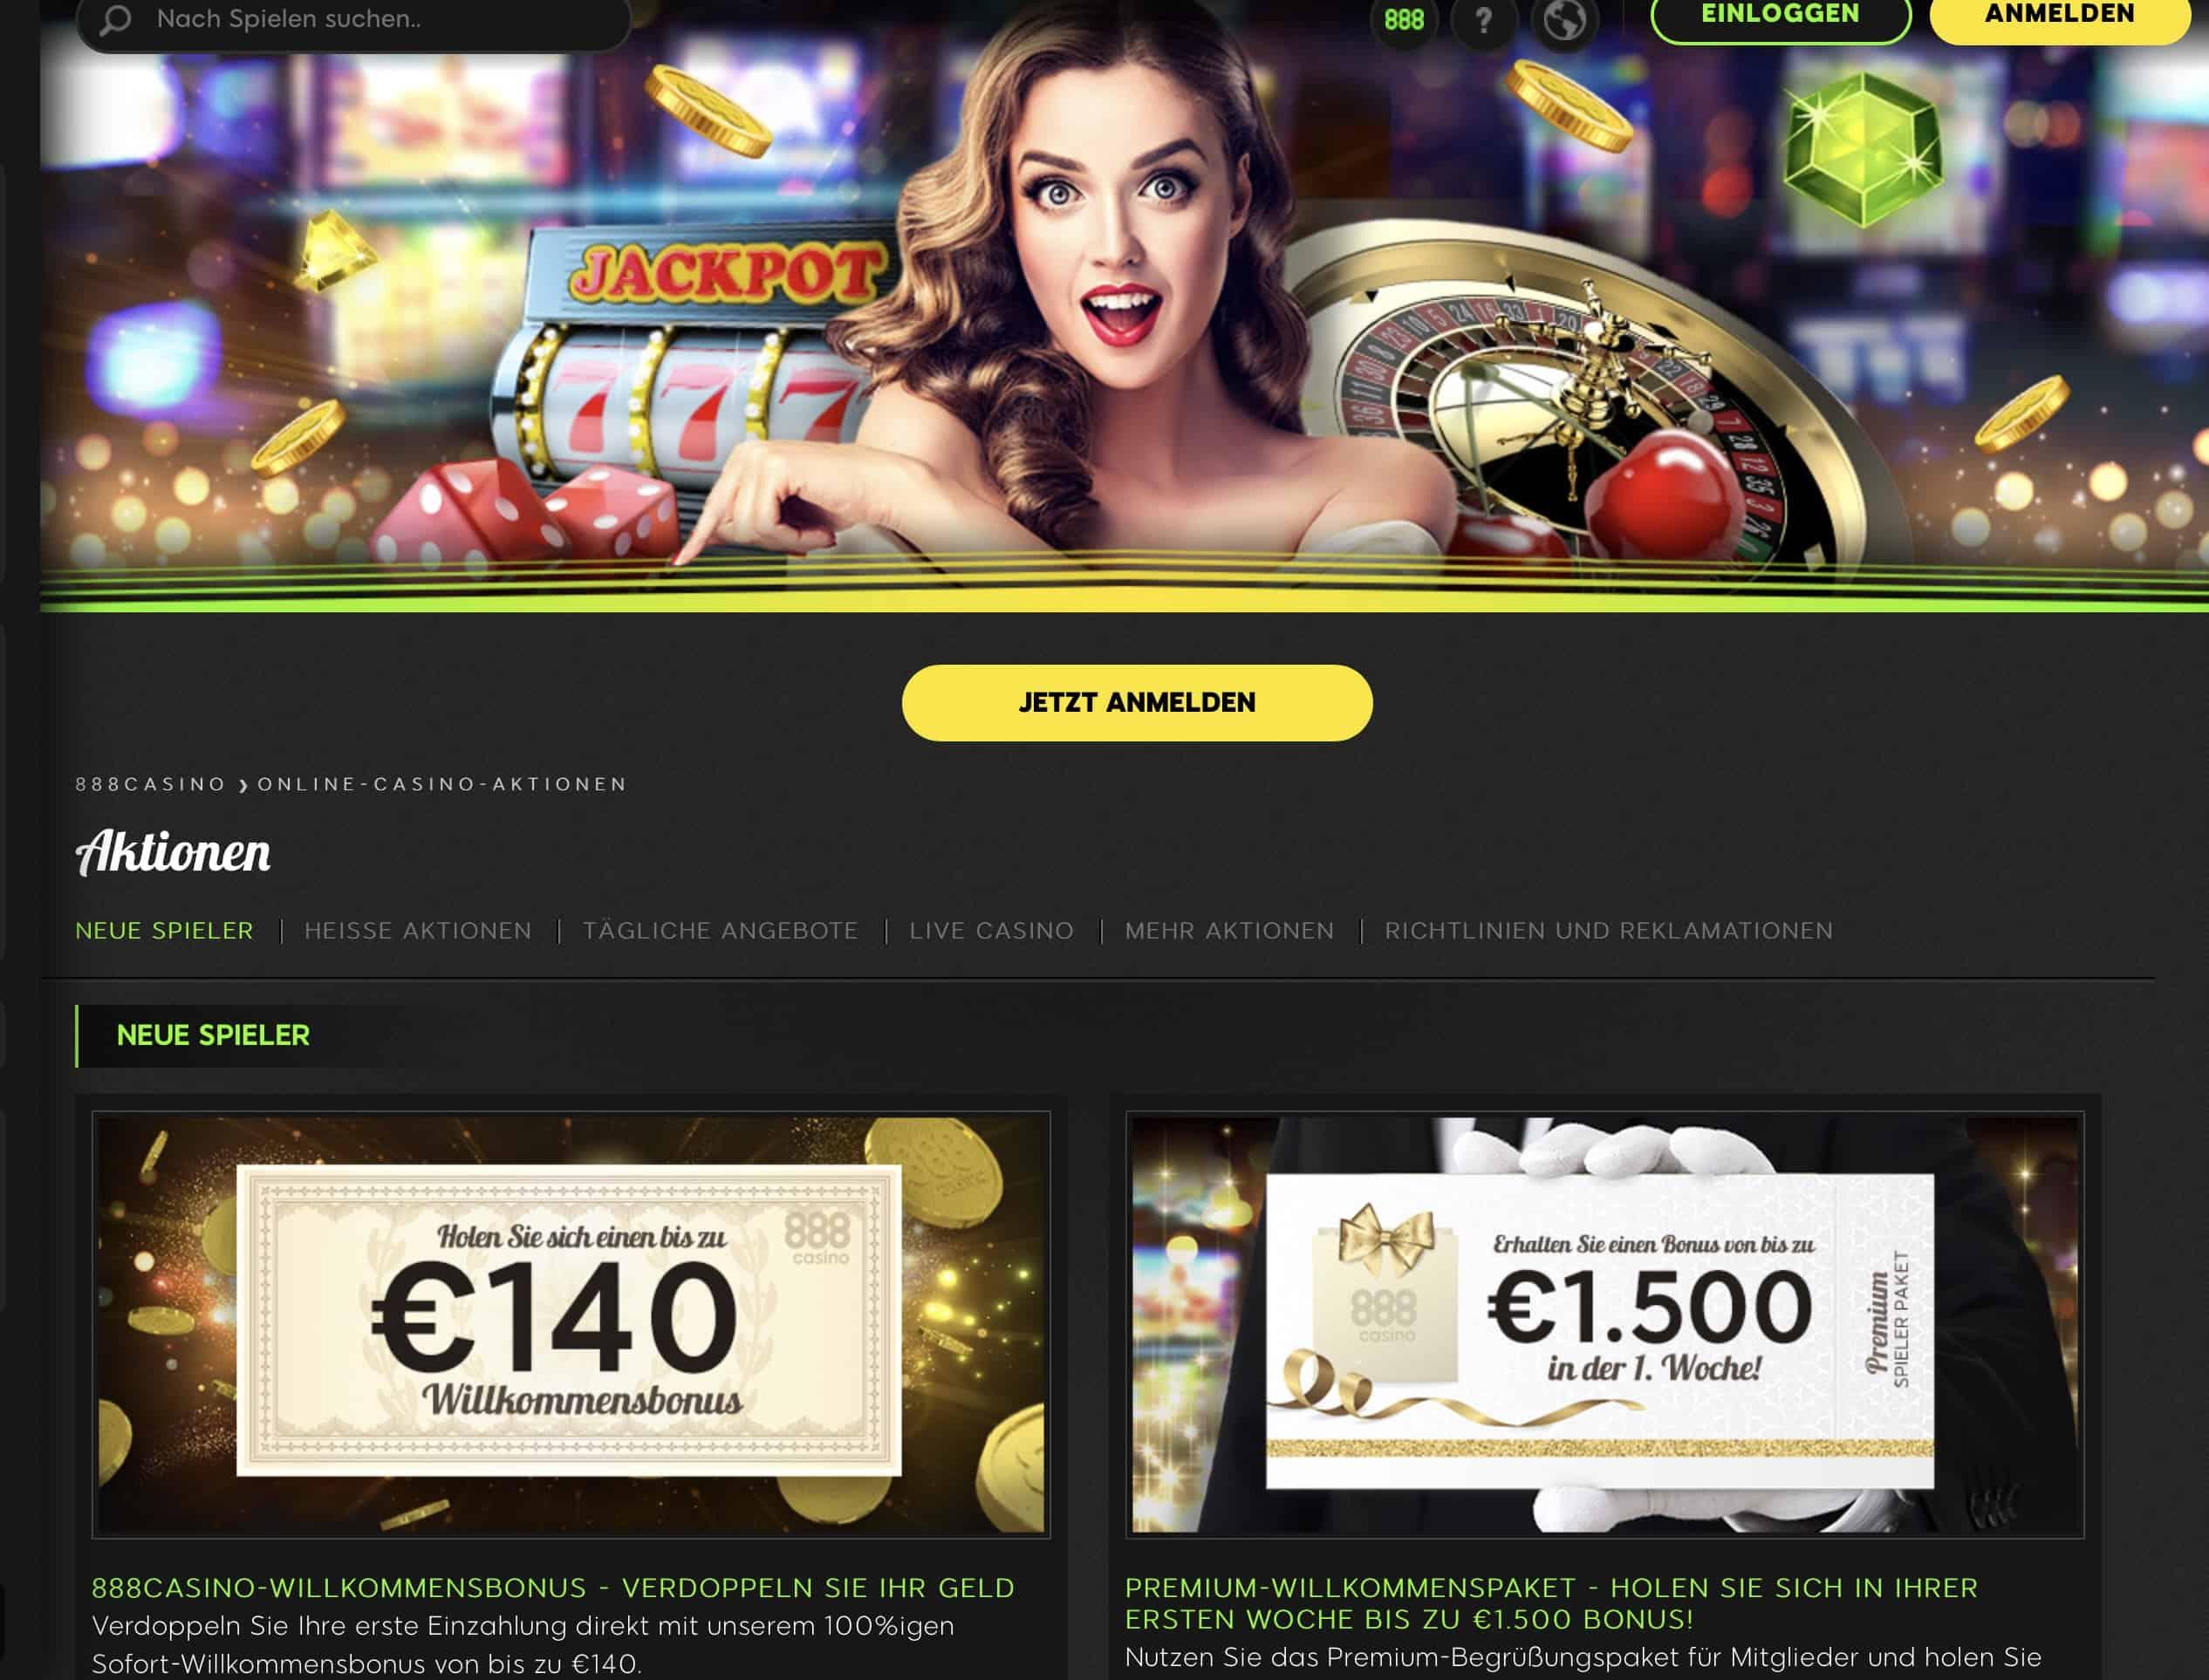 888 Casino Adventskalender